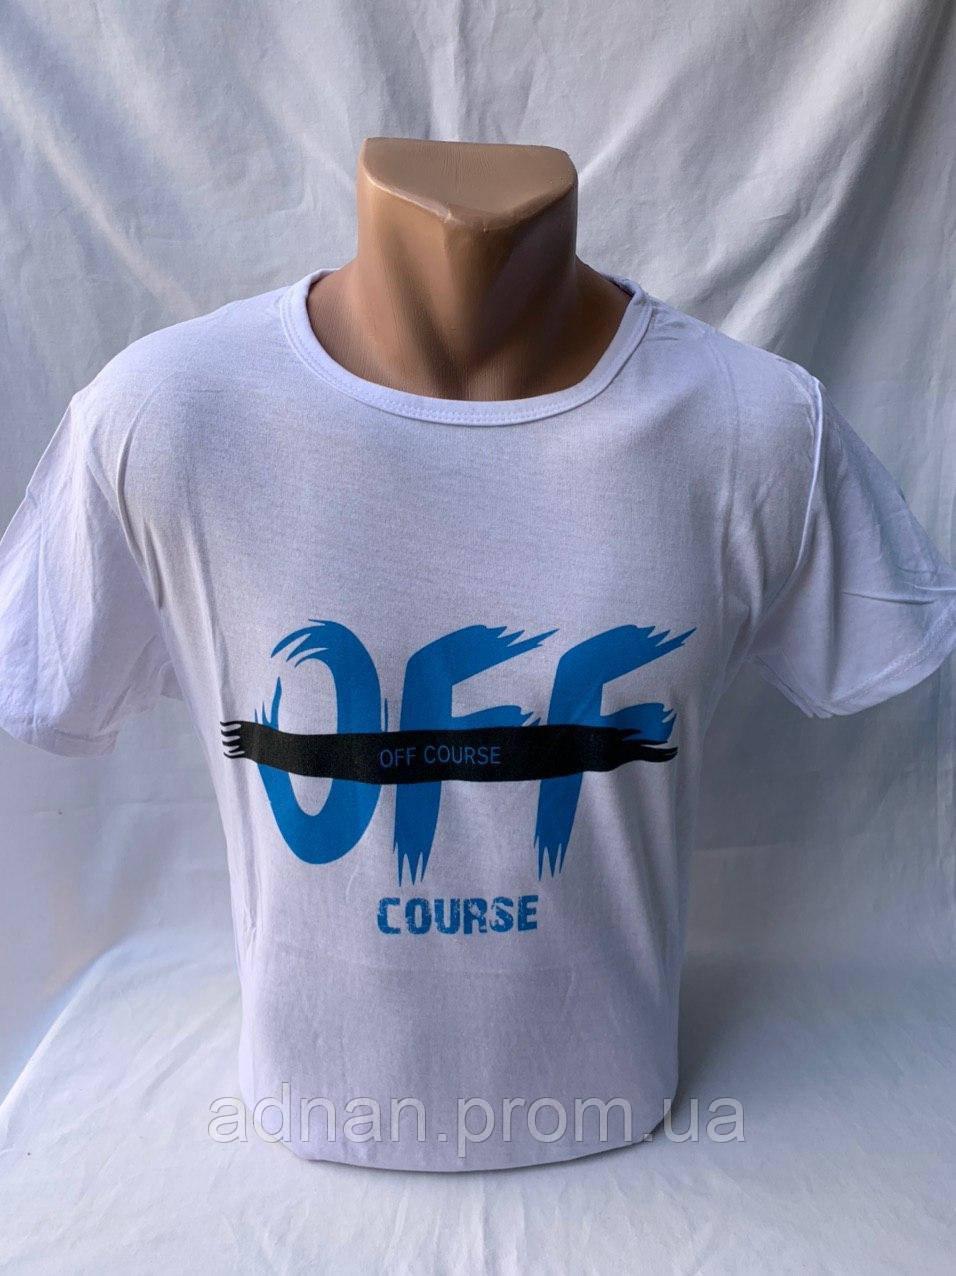 Футболка мужская фирмы ERKEK х/б евро размеры OFF COURSE 002 \ купить футболку мужскую оптом